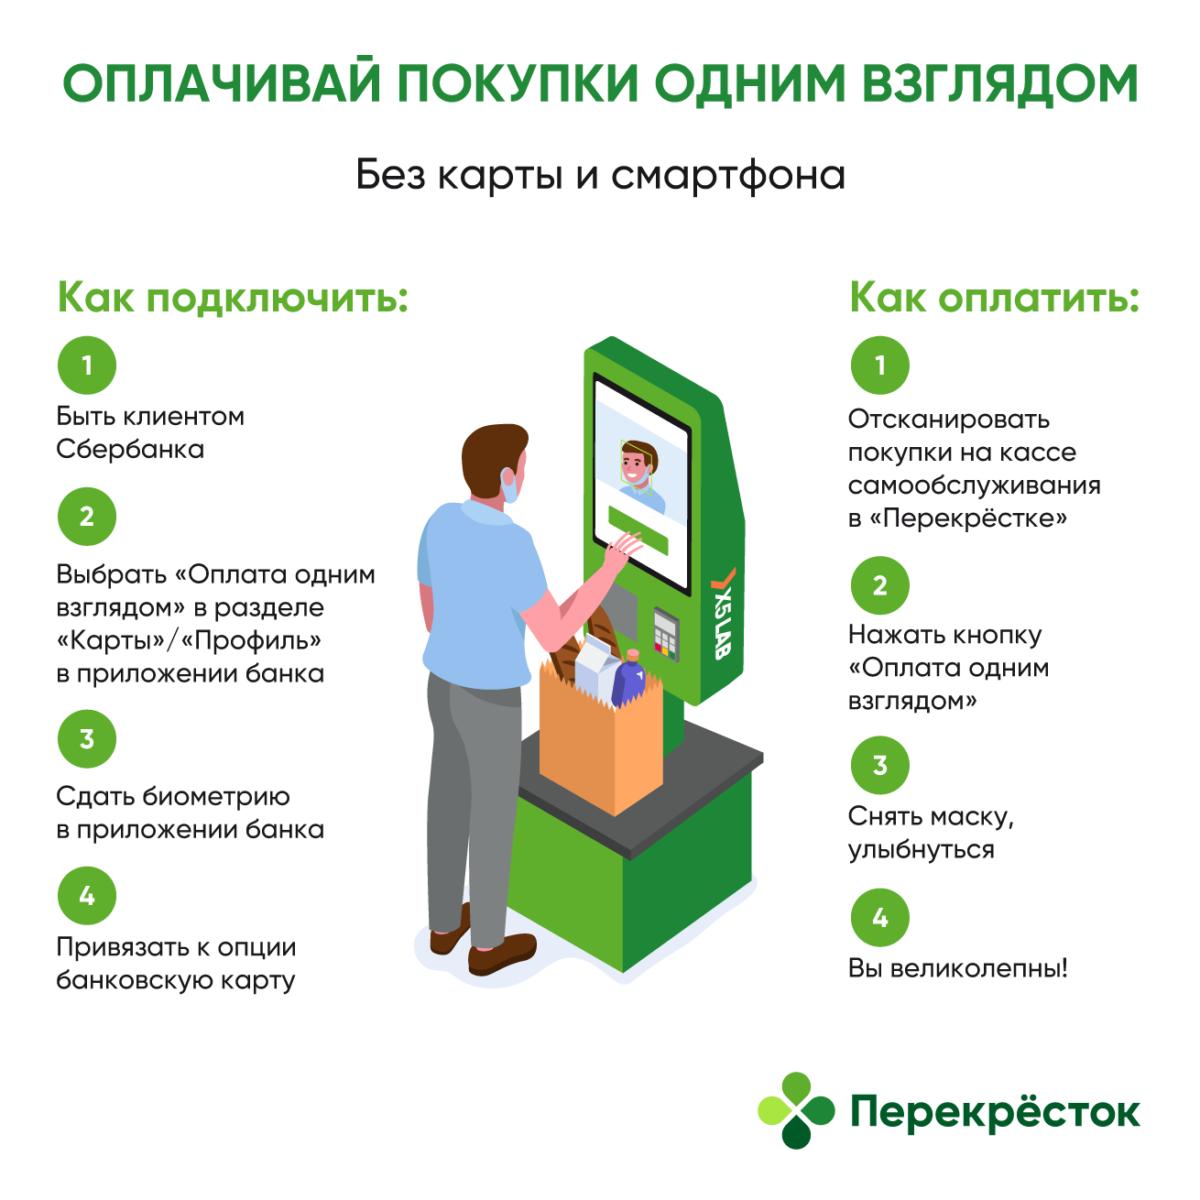 В России ритейл запустил технологию оплаты одним взглядом